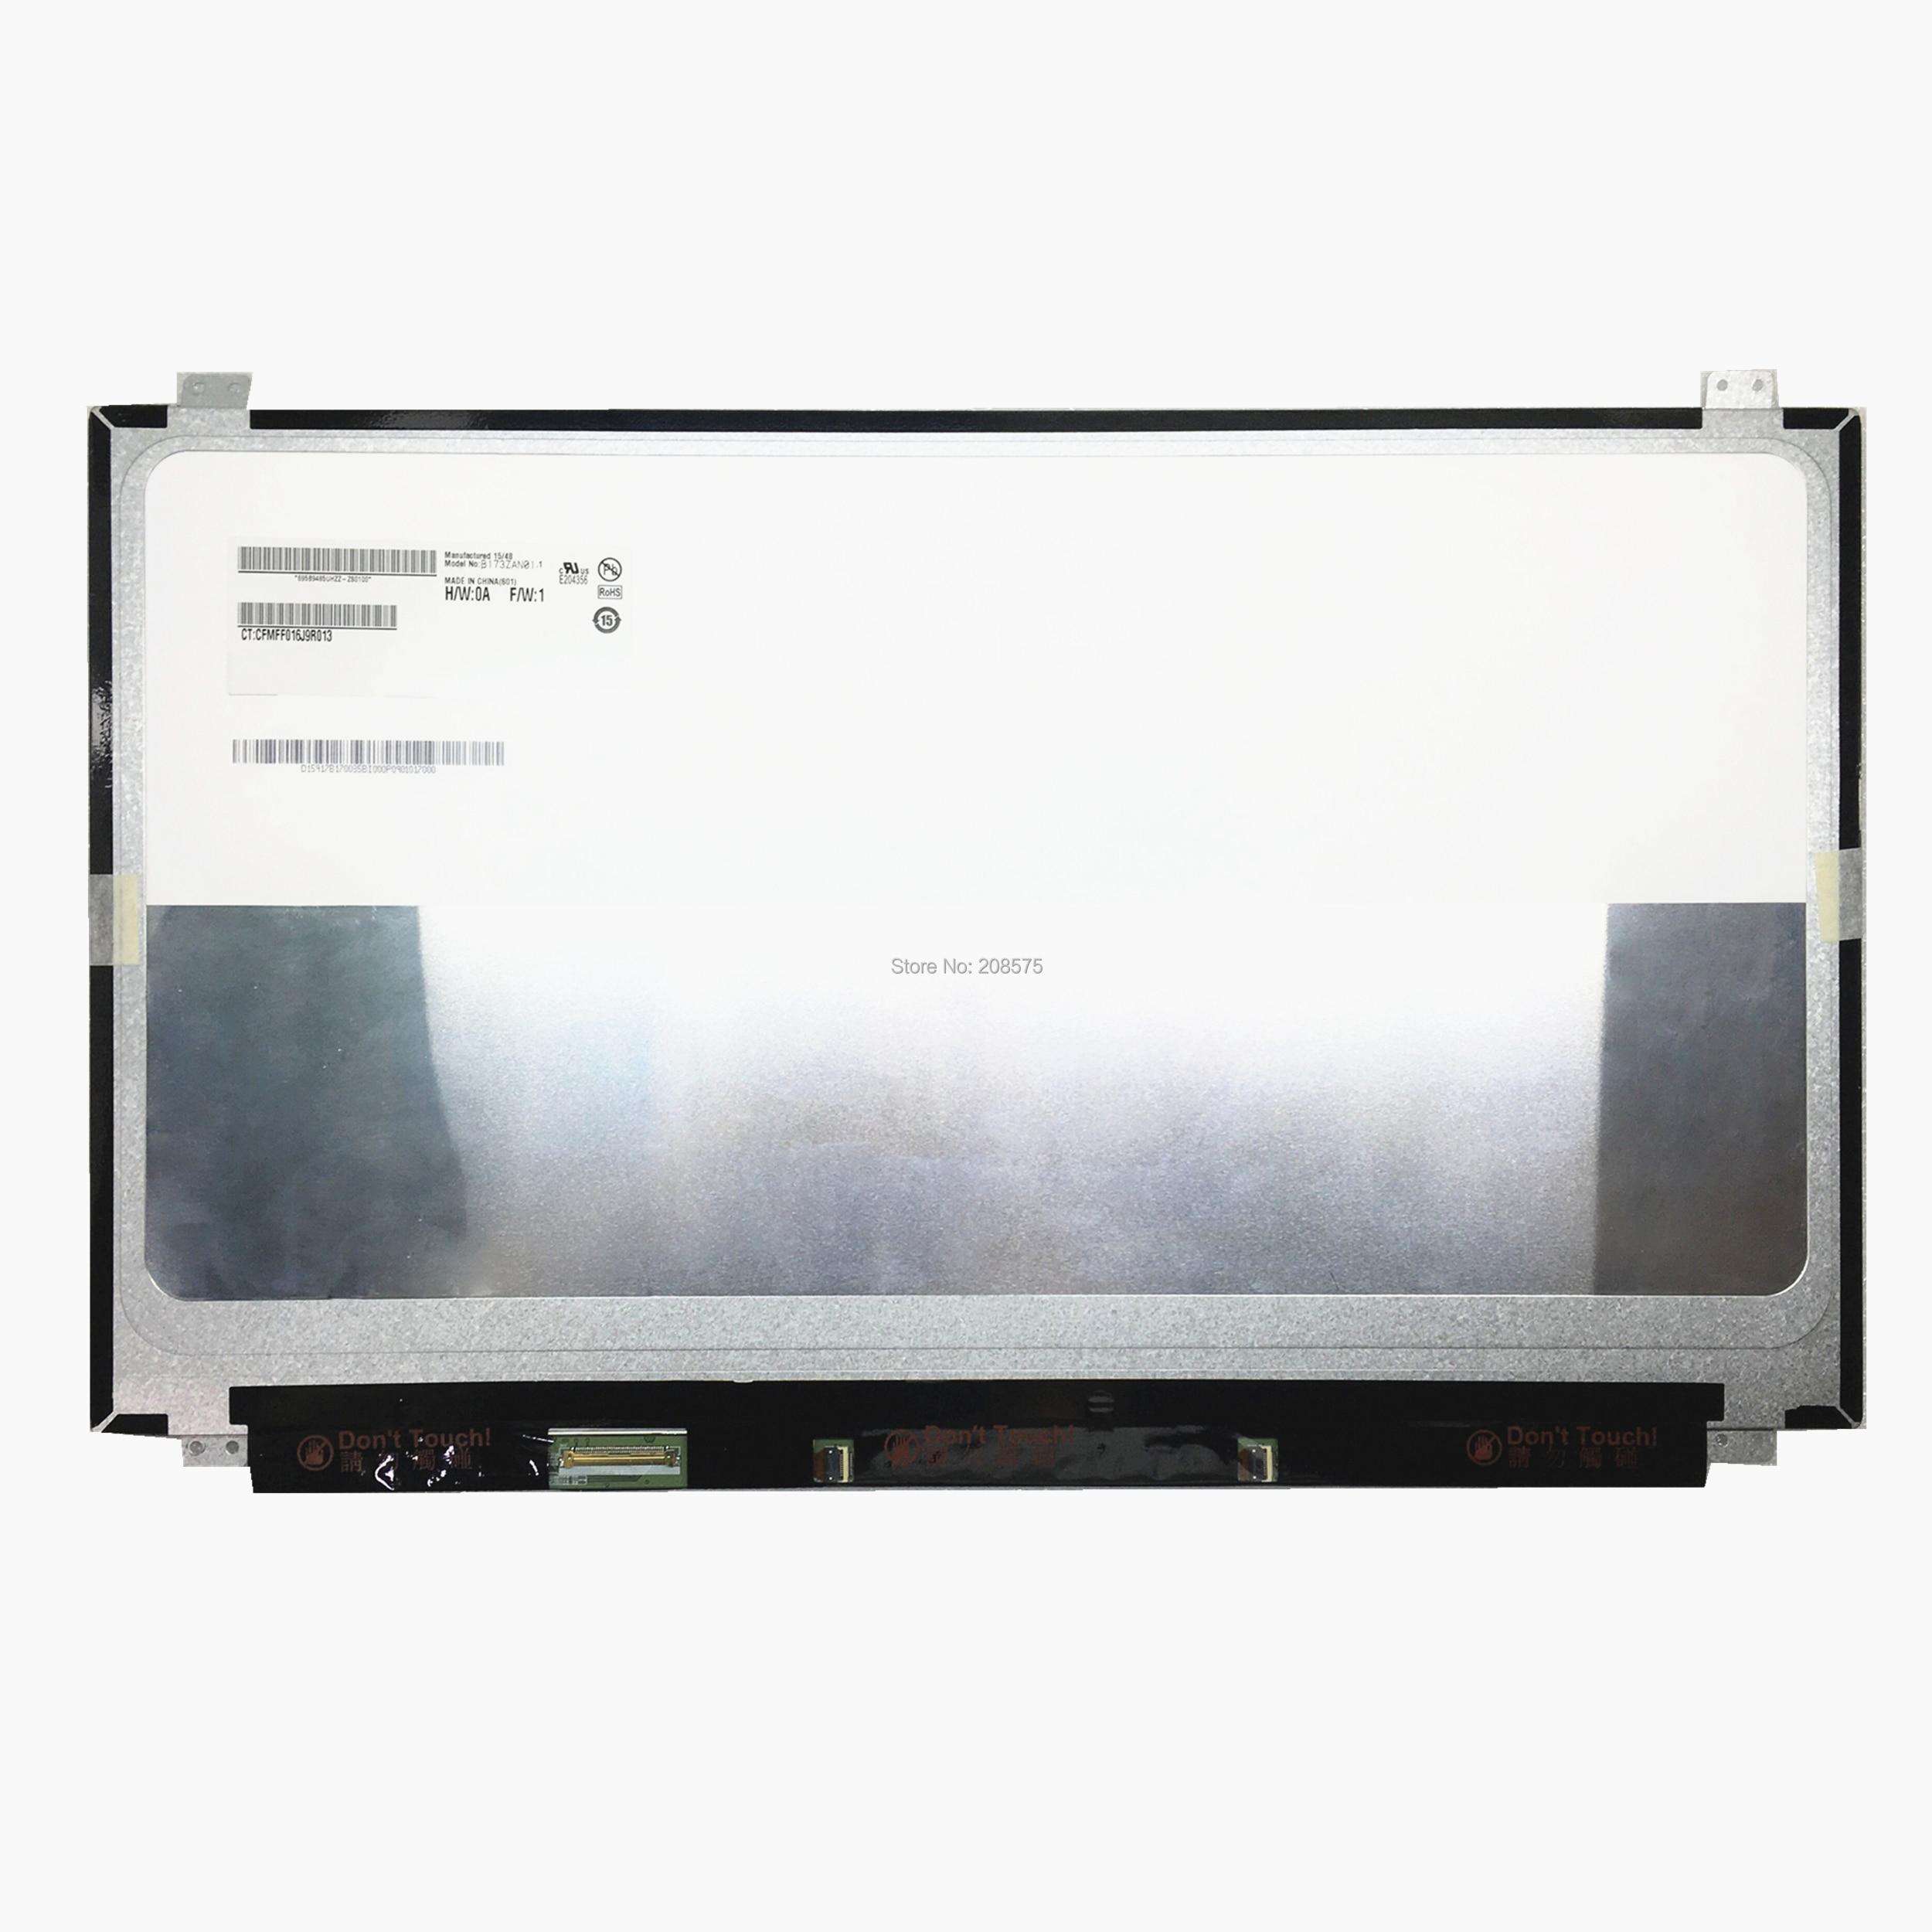 Free shipping B173ZAN01.1 B173ZAN01.0 B173ZAN01.4 17.3inch 4K IPS Laptop LCD screen 3840*2160 EDP 40 PinsFree shipping B173ZAN01.1 B173ZAN01.0 B173ZAN01.4 17.3inch 4K IPS Laptop LCD screen 3840*2160 EDP 40 Pins